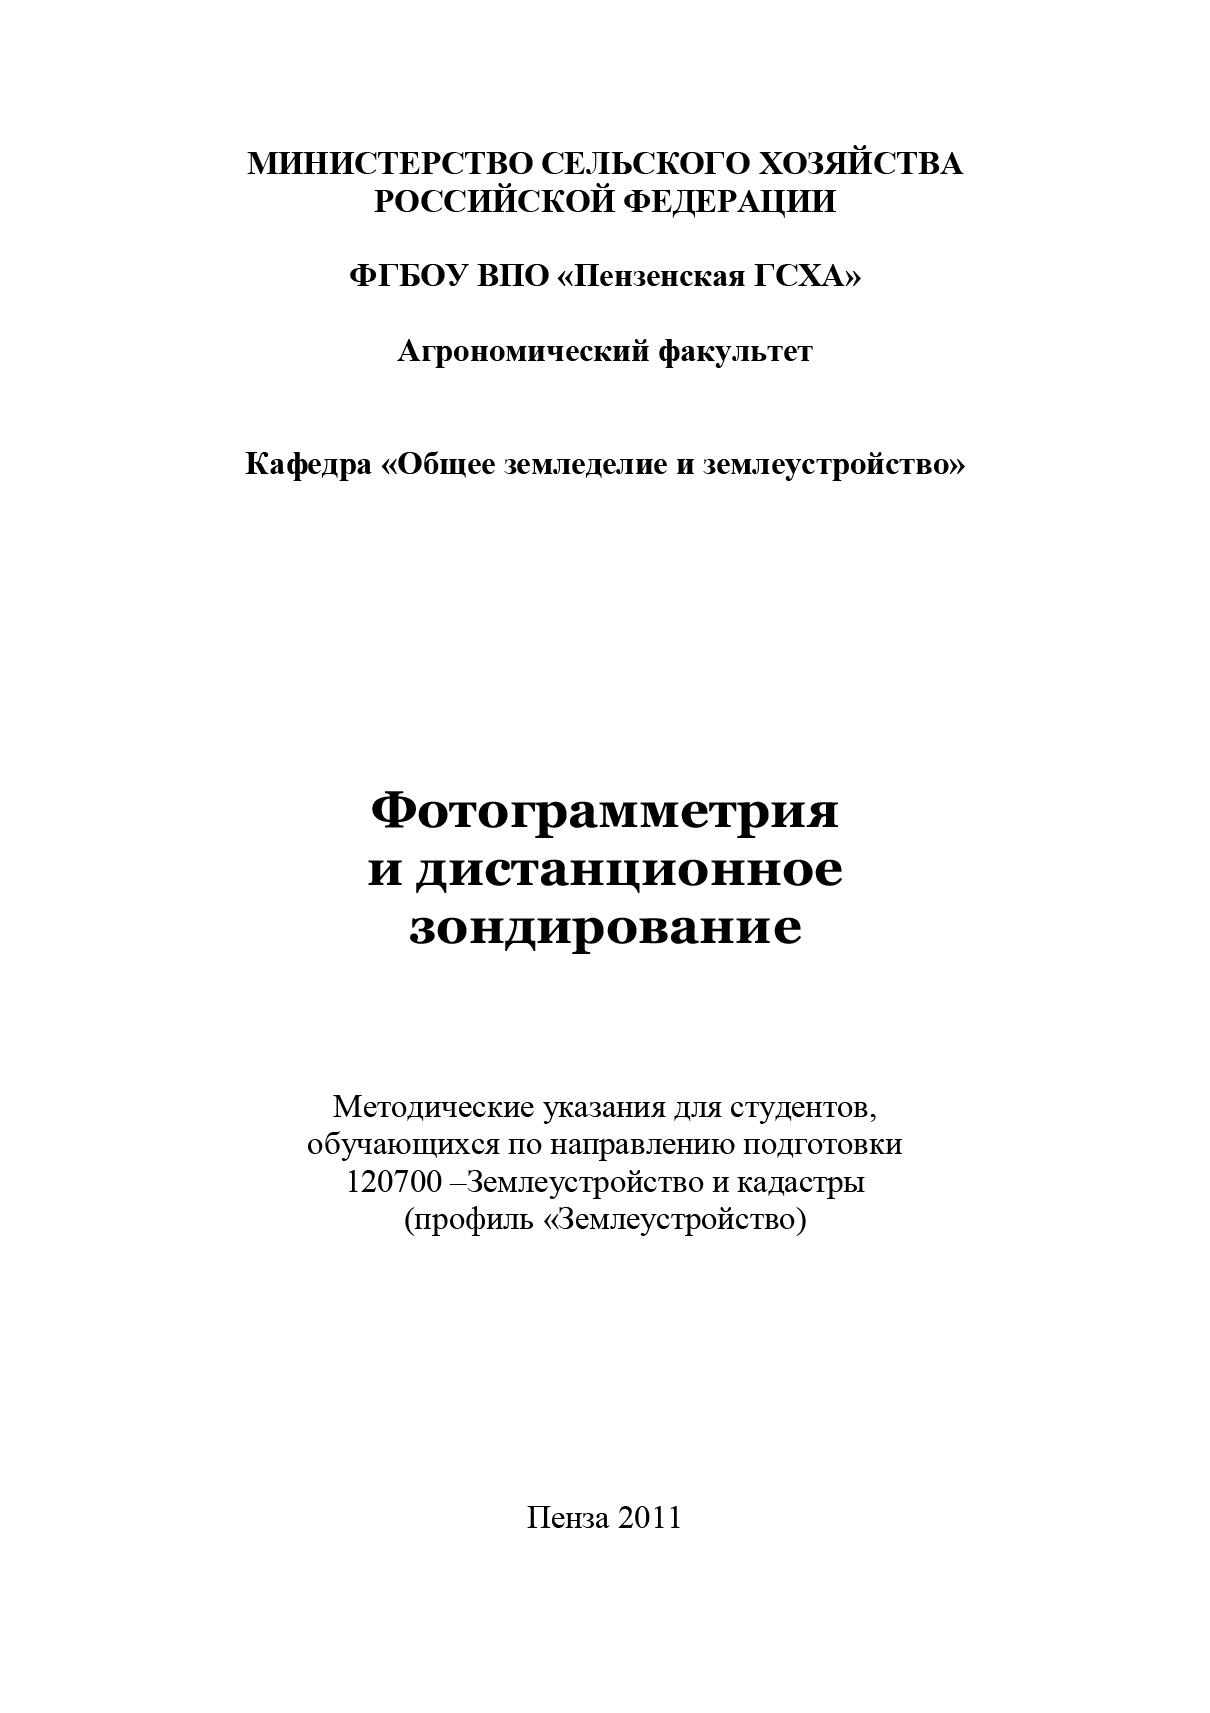 С. В. Богомазов Фотограмметрия и дистанционное зондирование